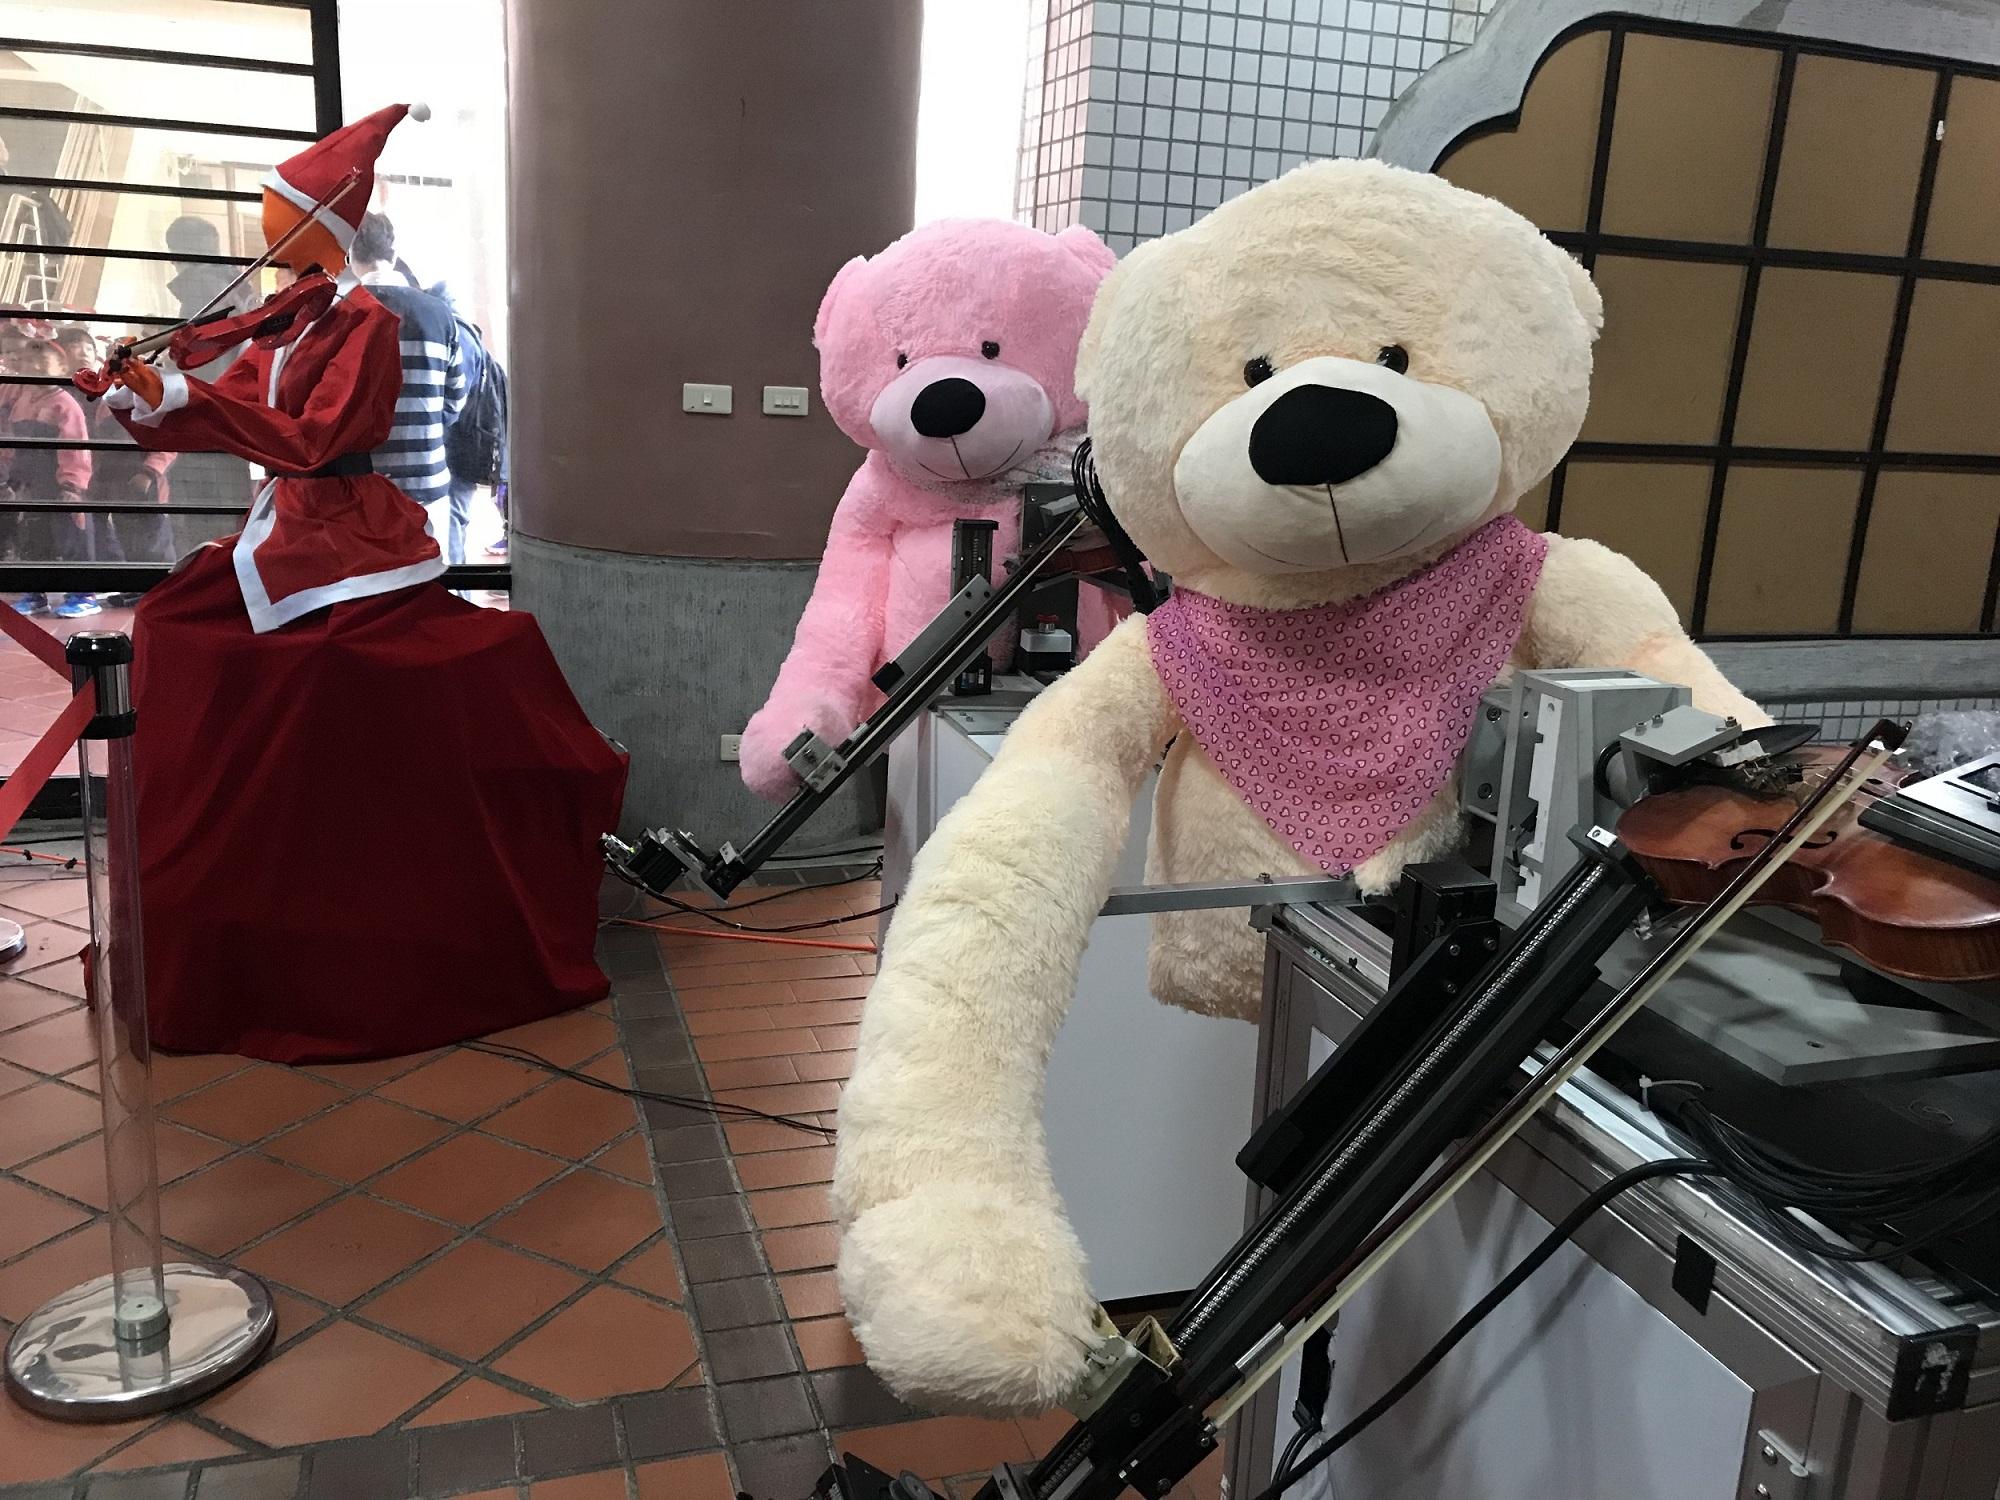 通稿照片-「機械人弦樂團」戴上熊的造型演奏作為送給中原附幼的驚喜.JPG